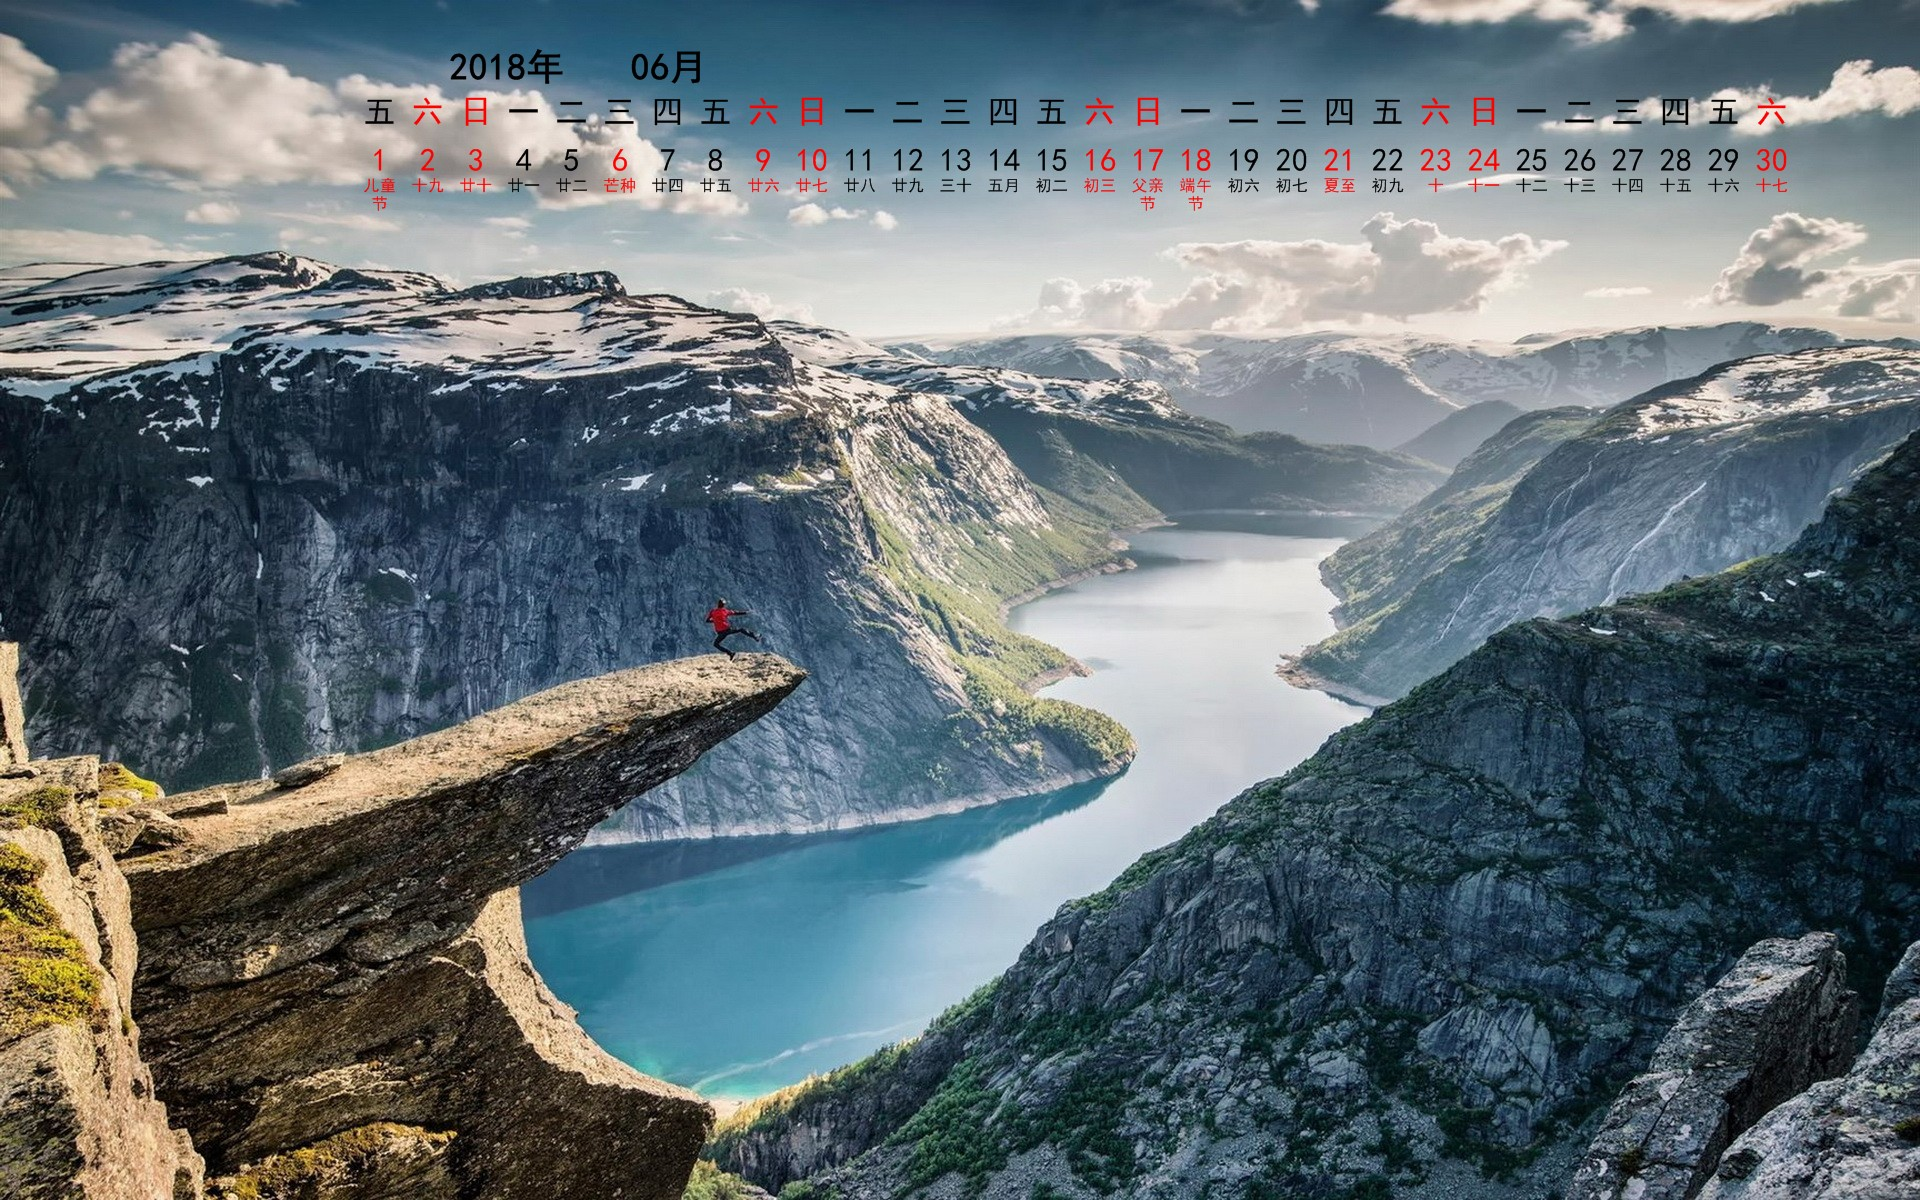 2018年6月风景宽月历(1920x1200)壁纸 - 桌面壁纸